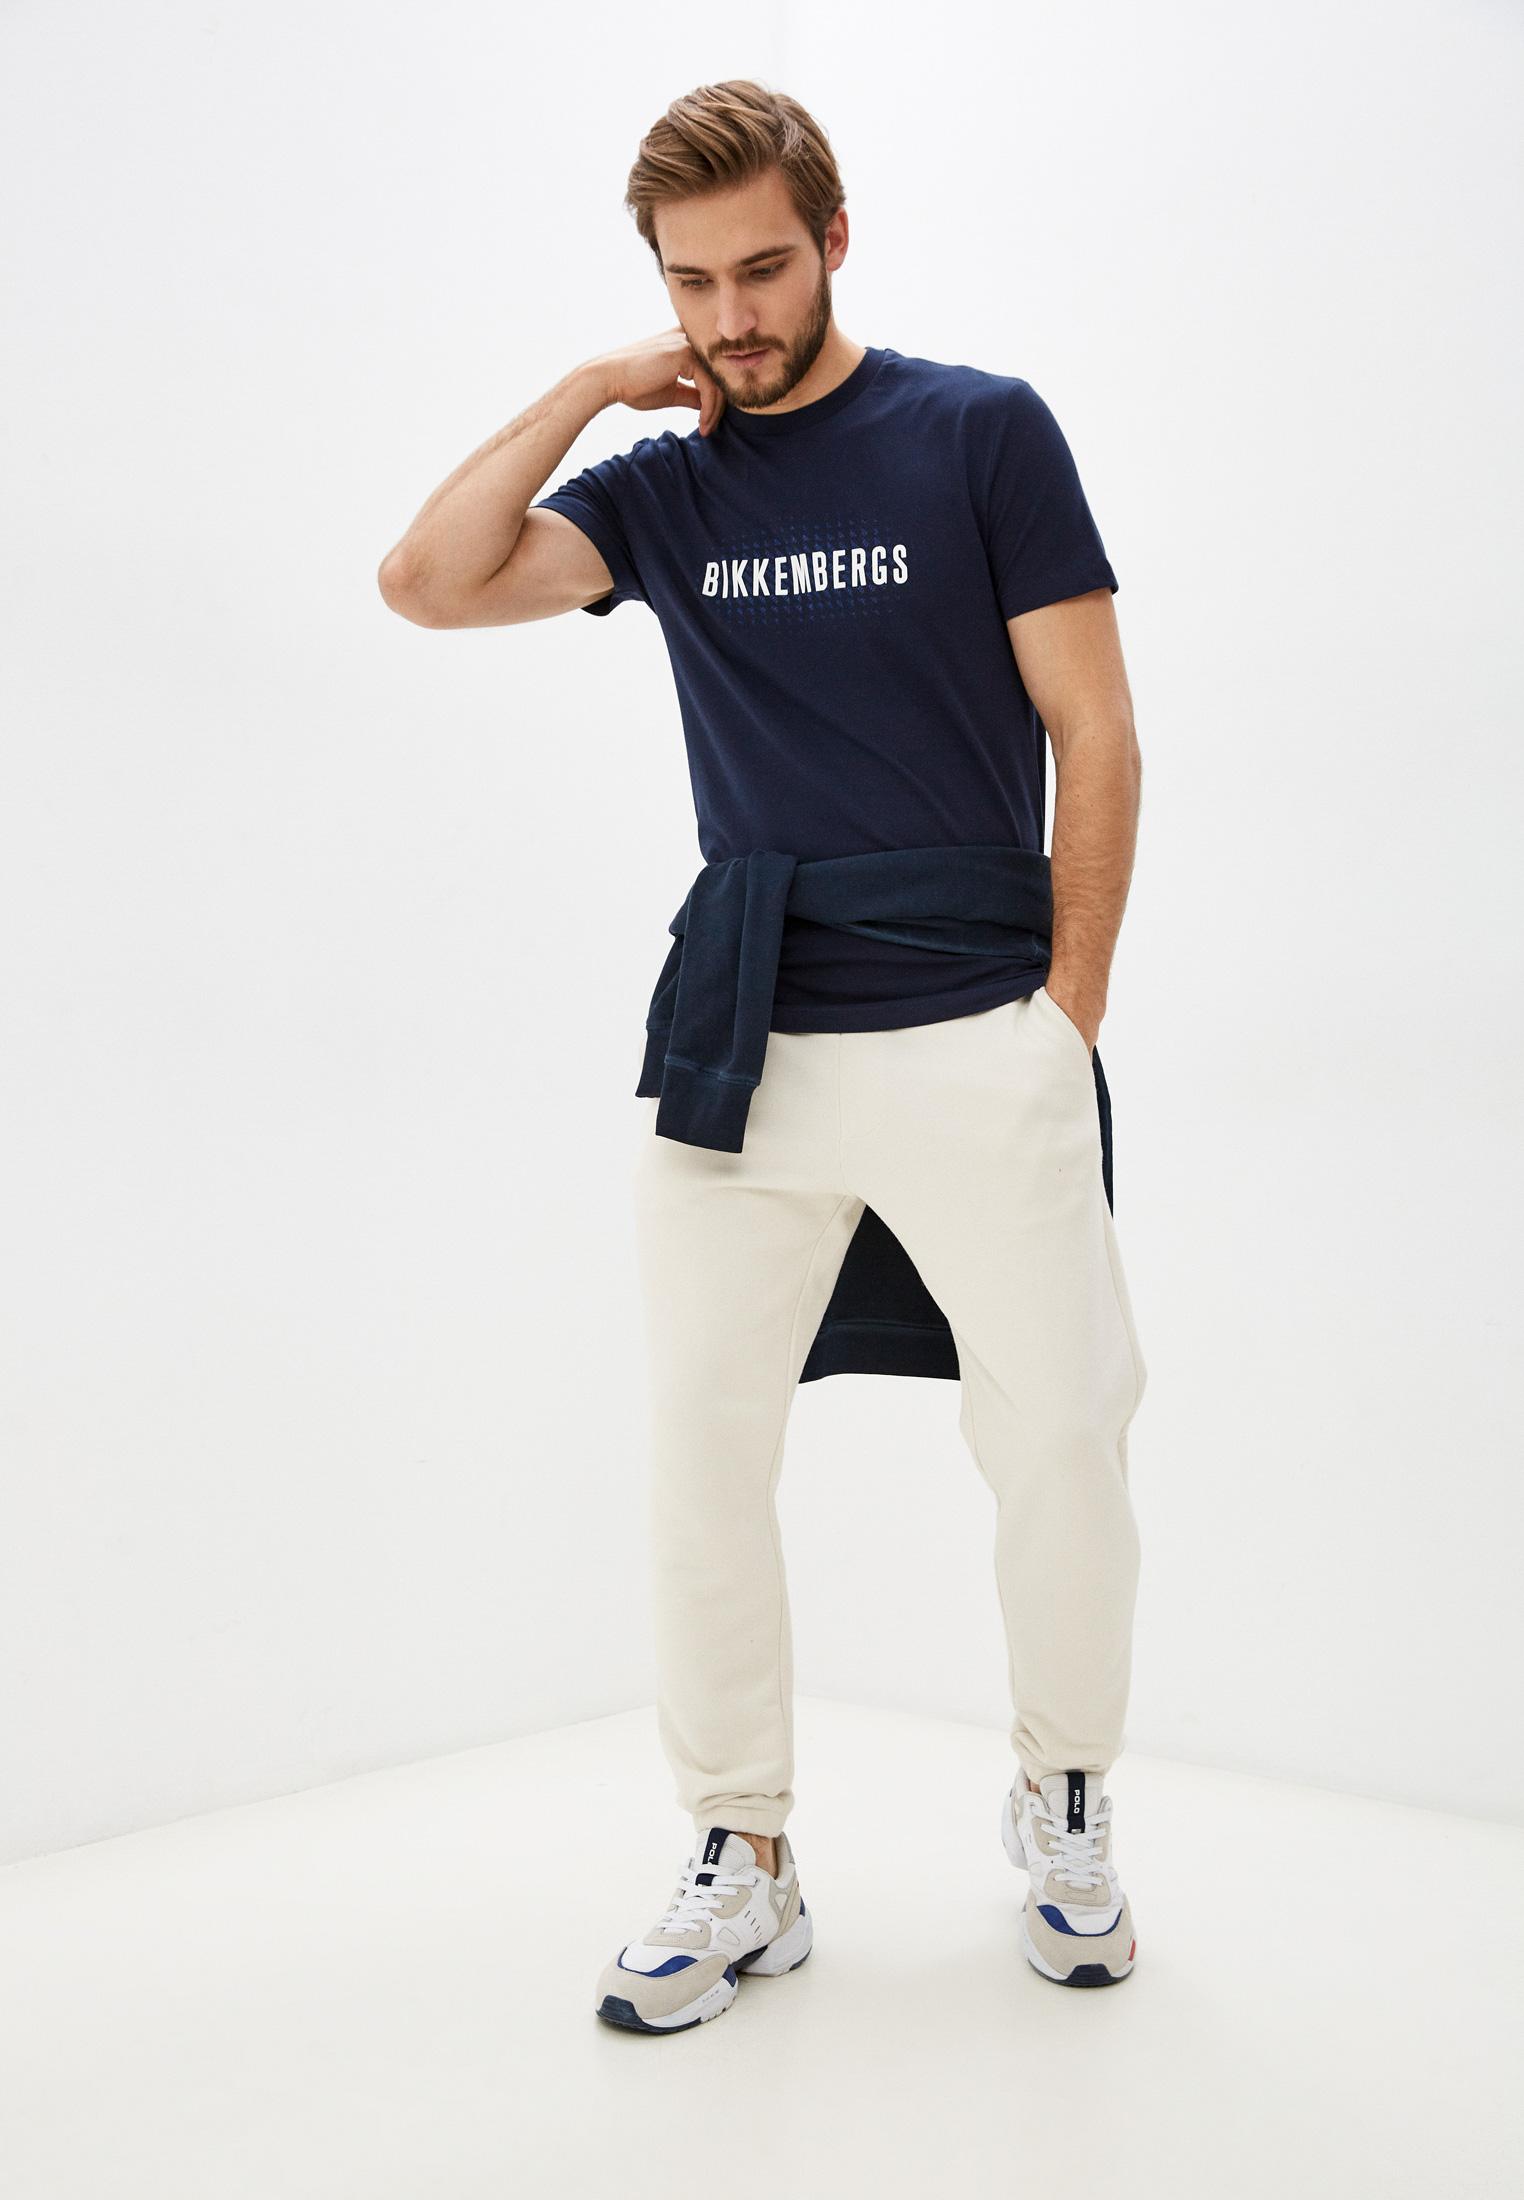 Мужская футболка Bikkembergs (Биккембергс) C 4 101 49 E 2296: изображение 3